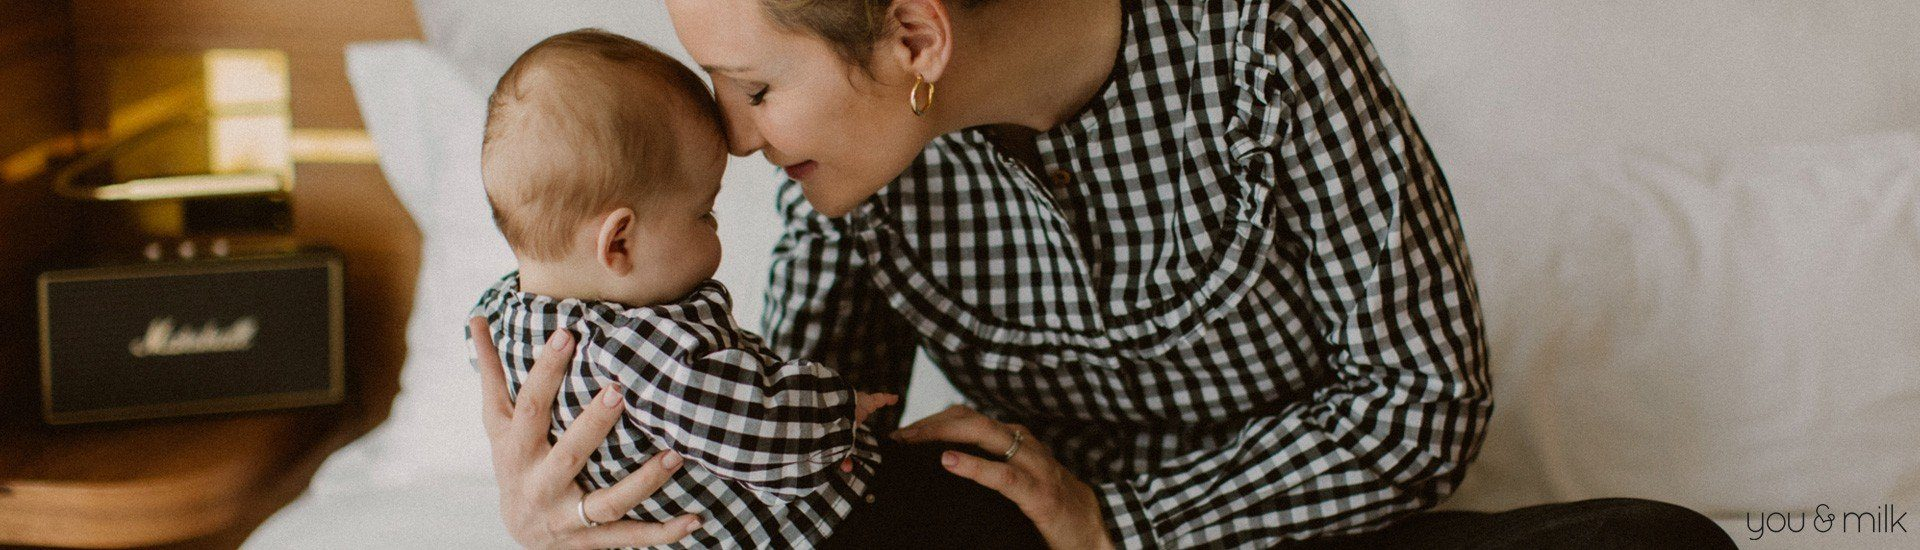 Vêtements allaitement matchy maman et bébé en coton bio Vis.Chill You&Milk